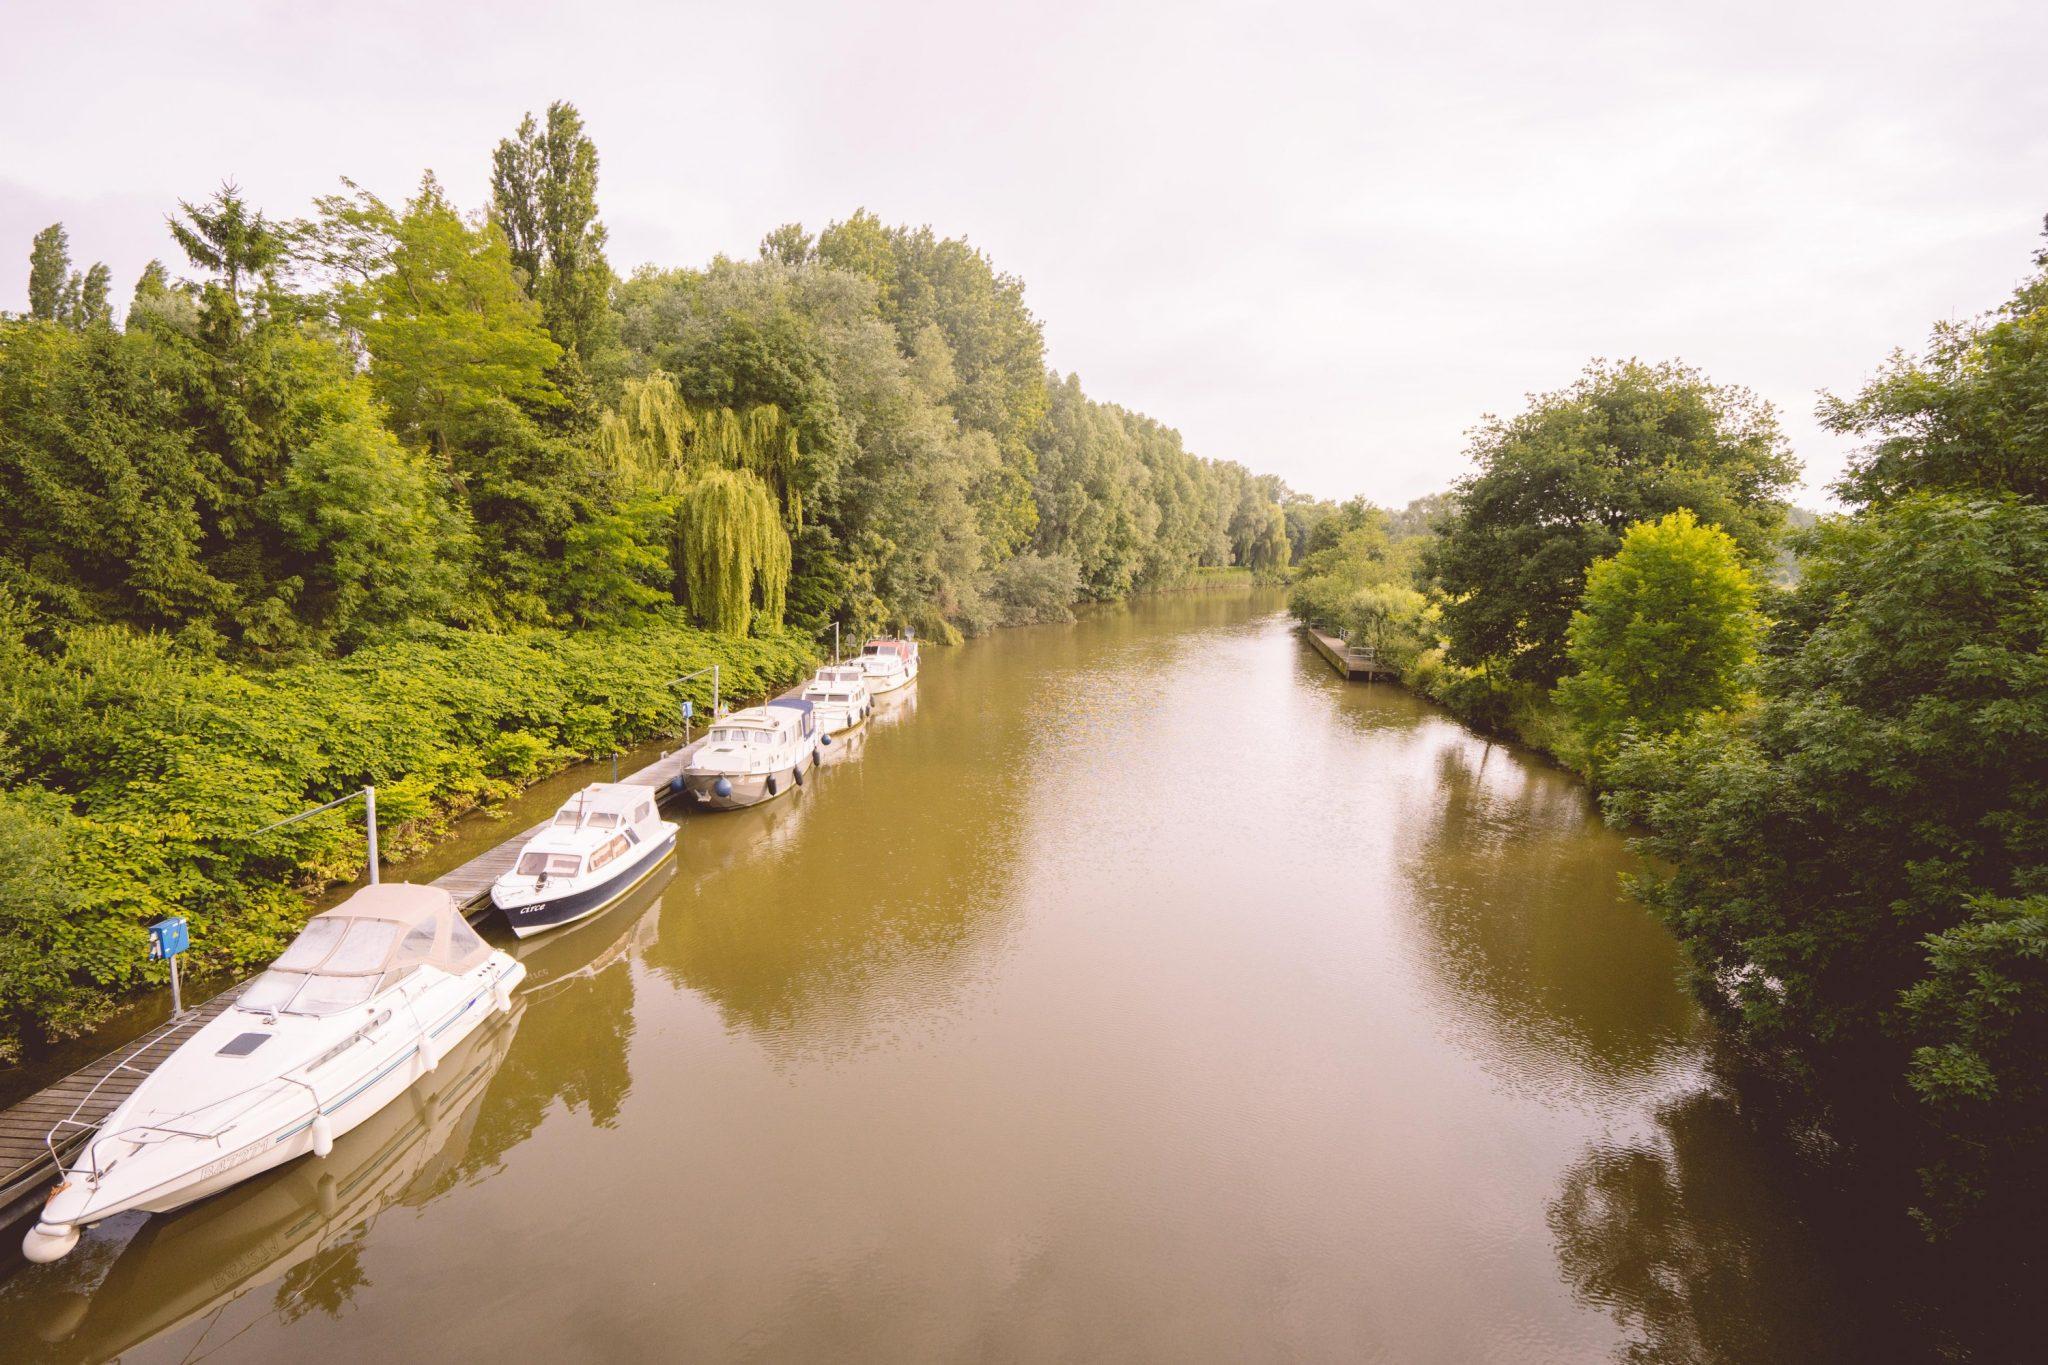 Camping Groeneveld - Toerisme mogelijkheden Leiestreek Gent Deinze